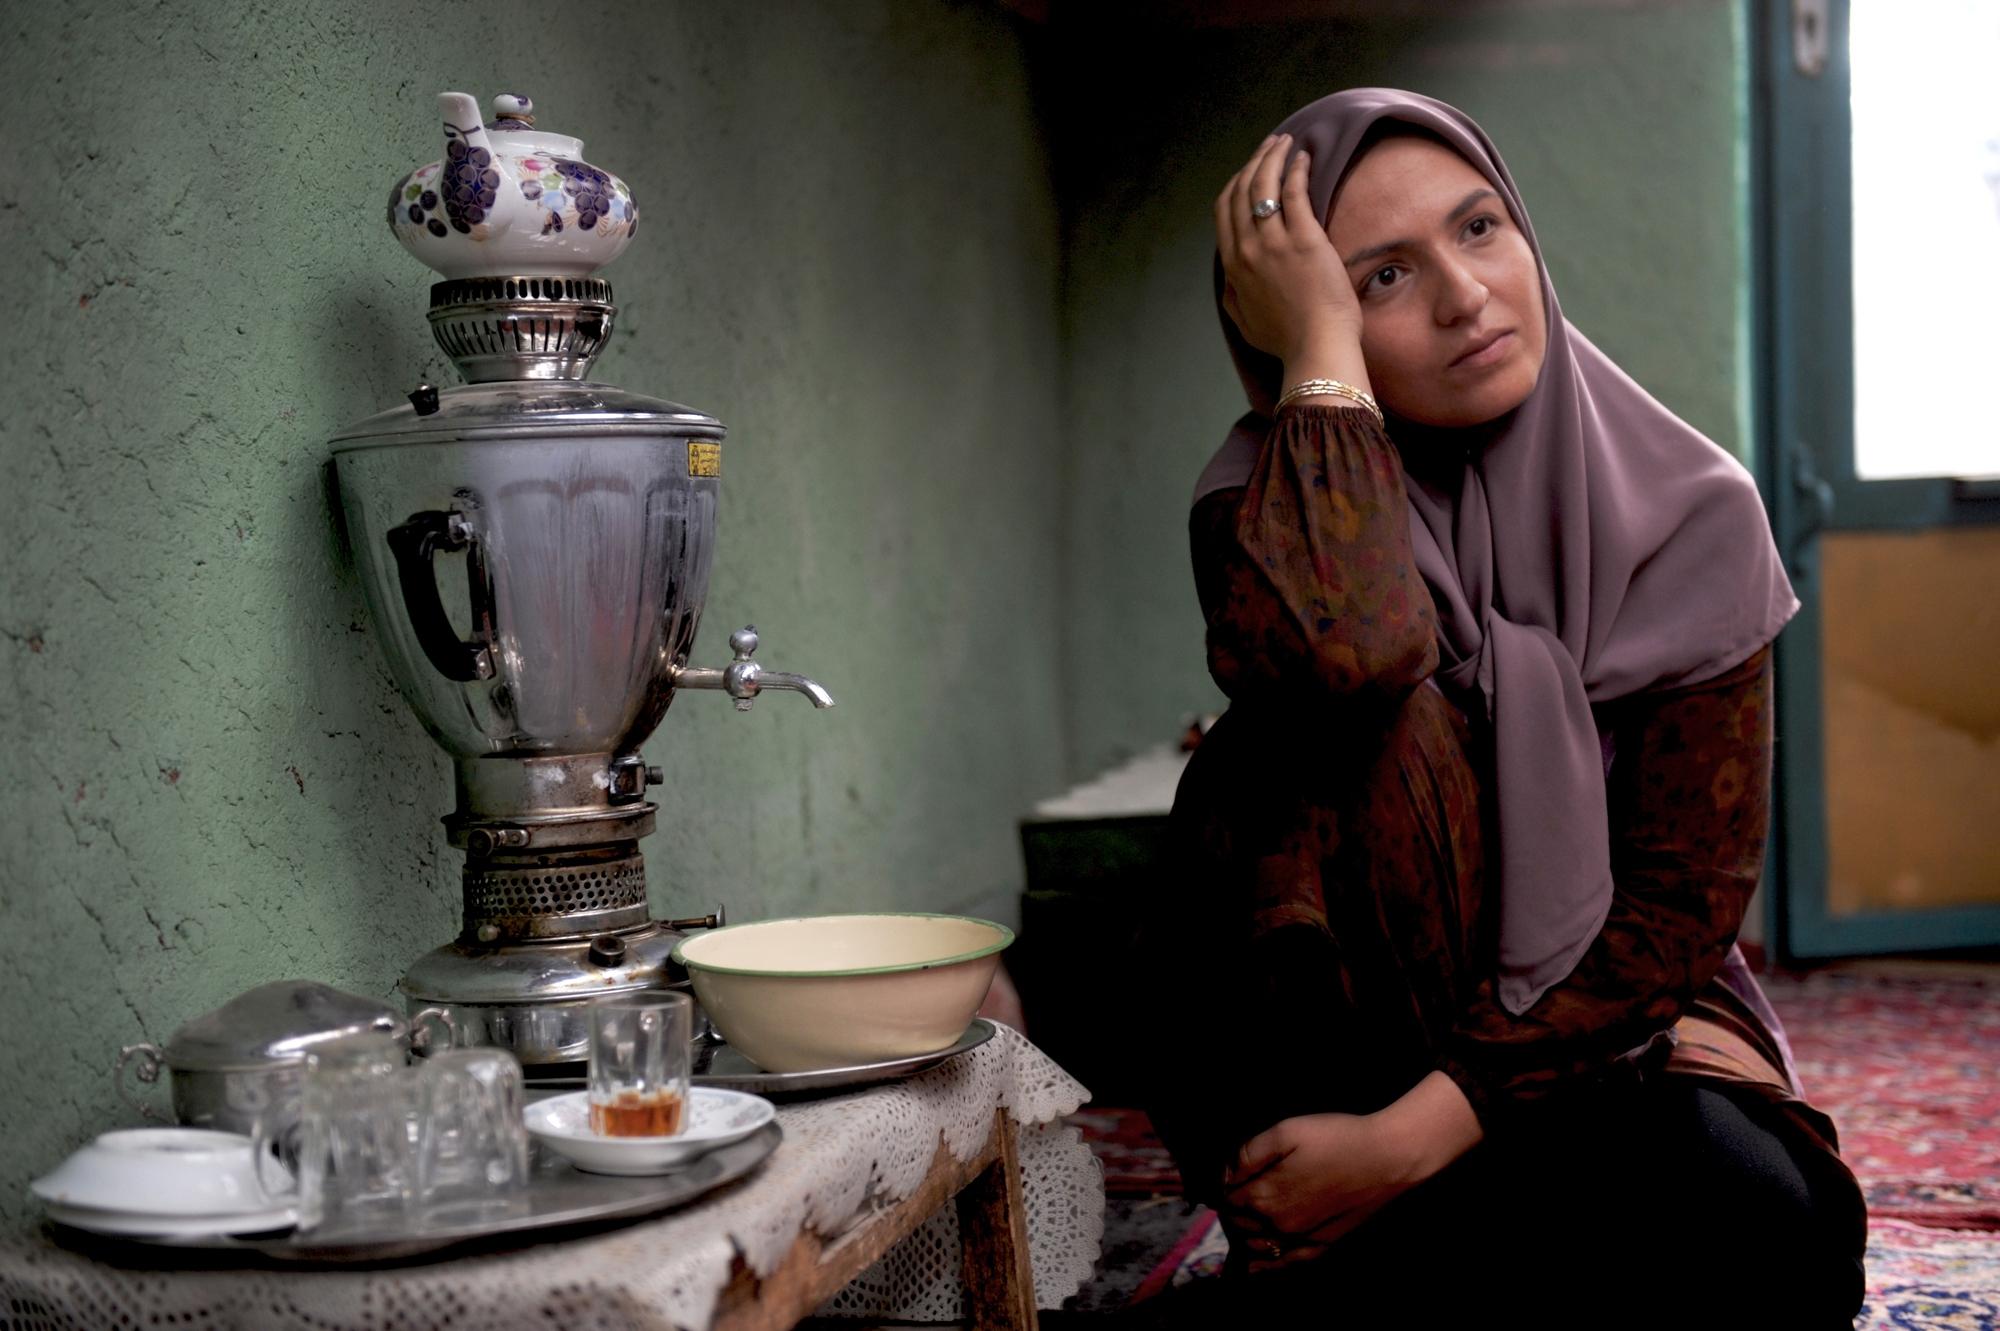 نمایش فیلم «شیار ۱۴۳» در این کشور اروپایی! تصاویر